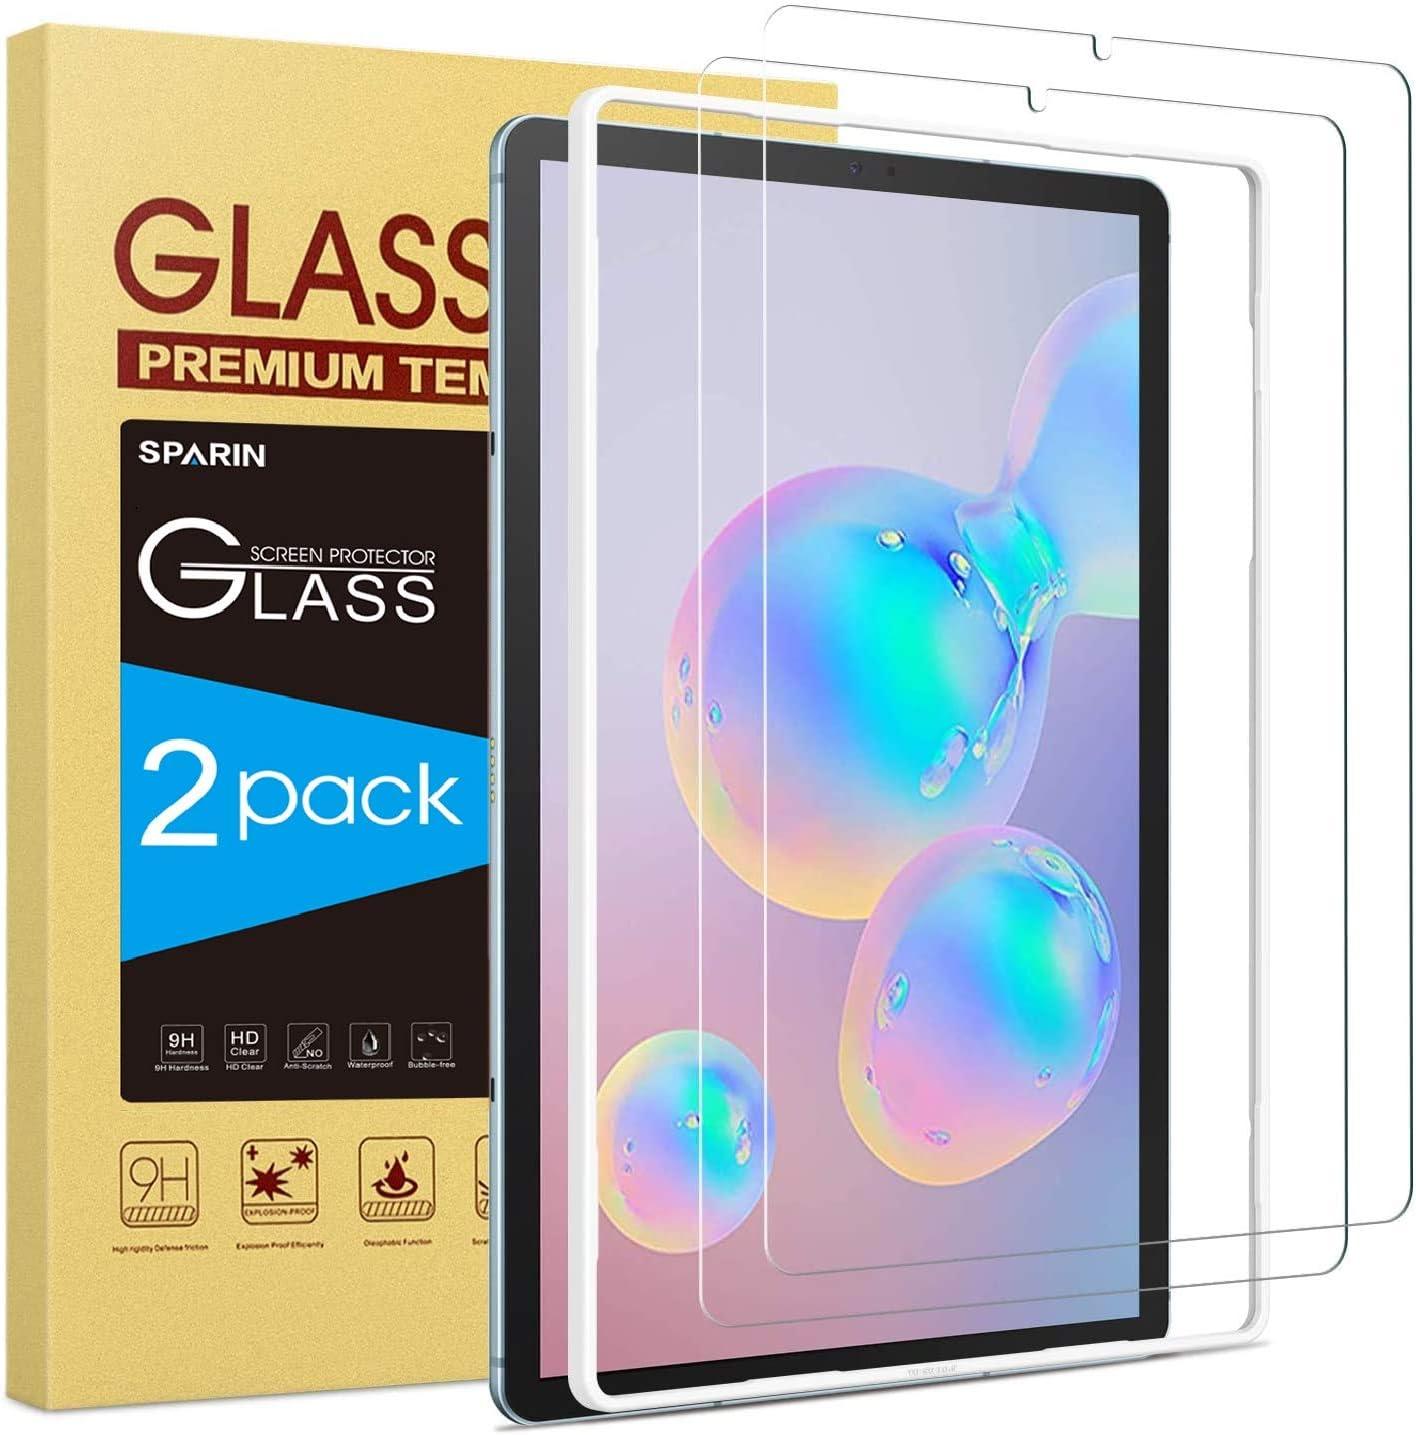 SPARIN Protector de pantalla de cristal templado compatible con Samsung Galaxy Tab S6 de 10,5 pulgadas con S Pen compatible, sin burbujas